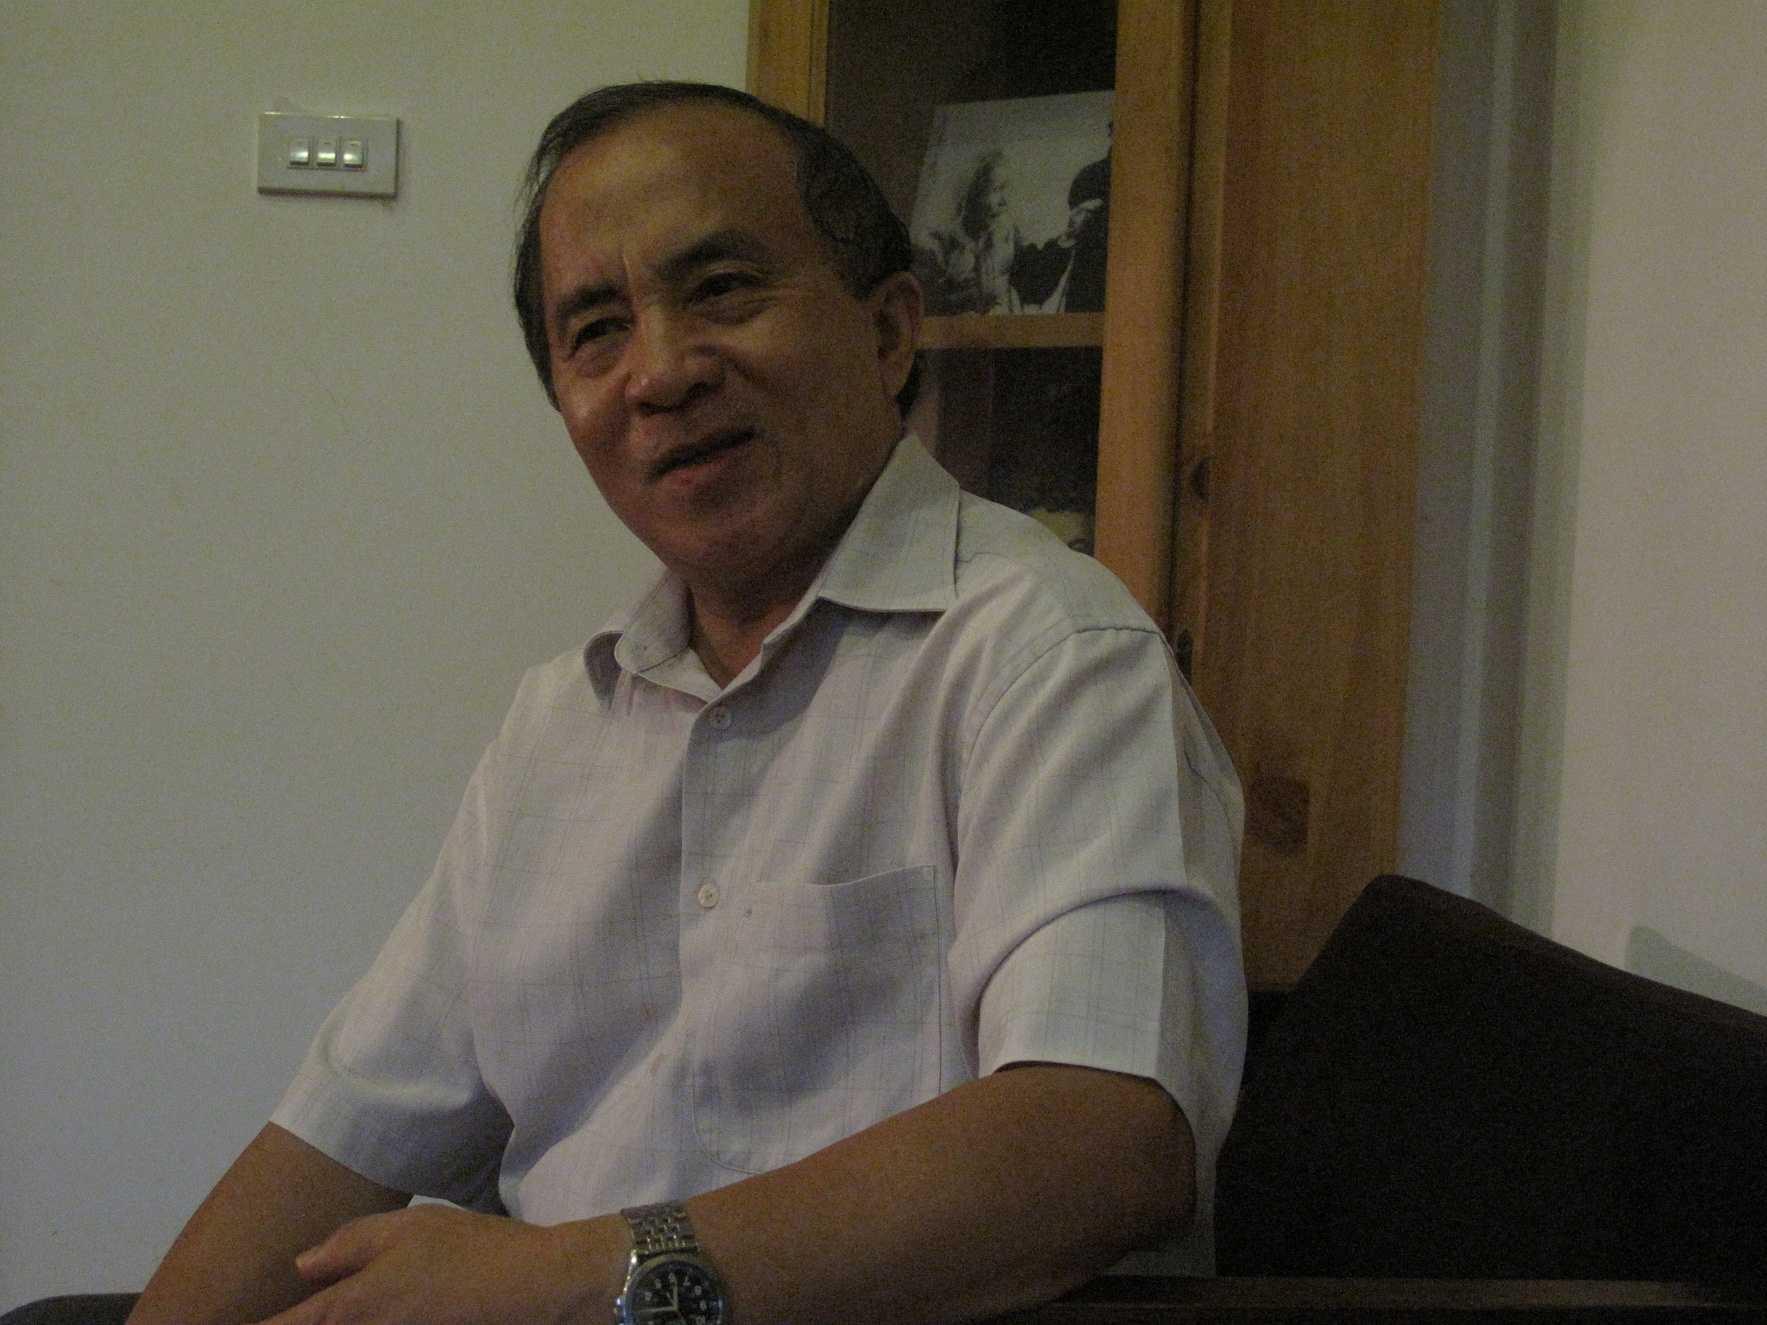 Tác giả cuốn Về vấn đề Biển Đông, Tiến sỹ Nguyễn Ngọc Trường